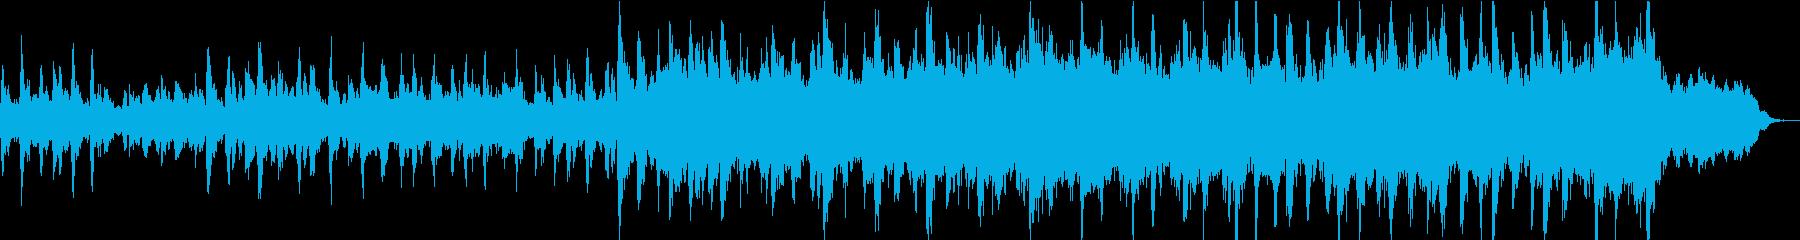 クラシック交響曲 広い 壮大 神経...の再生済みの波形